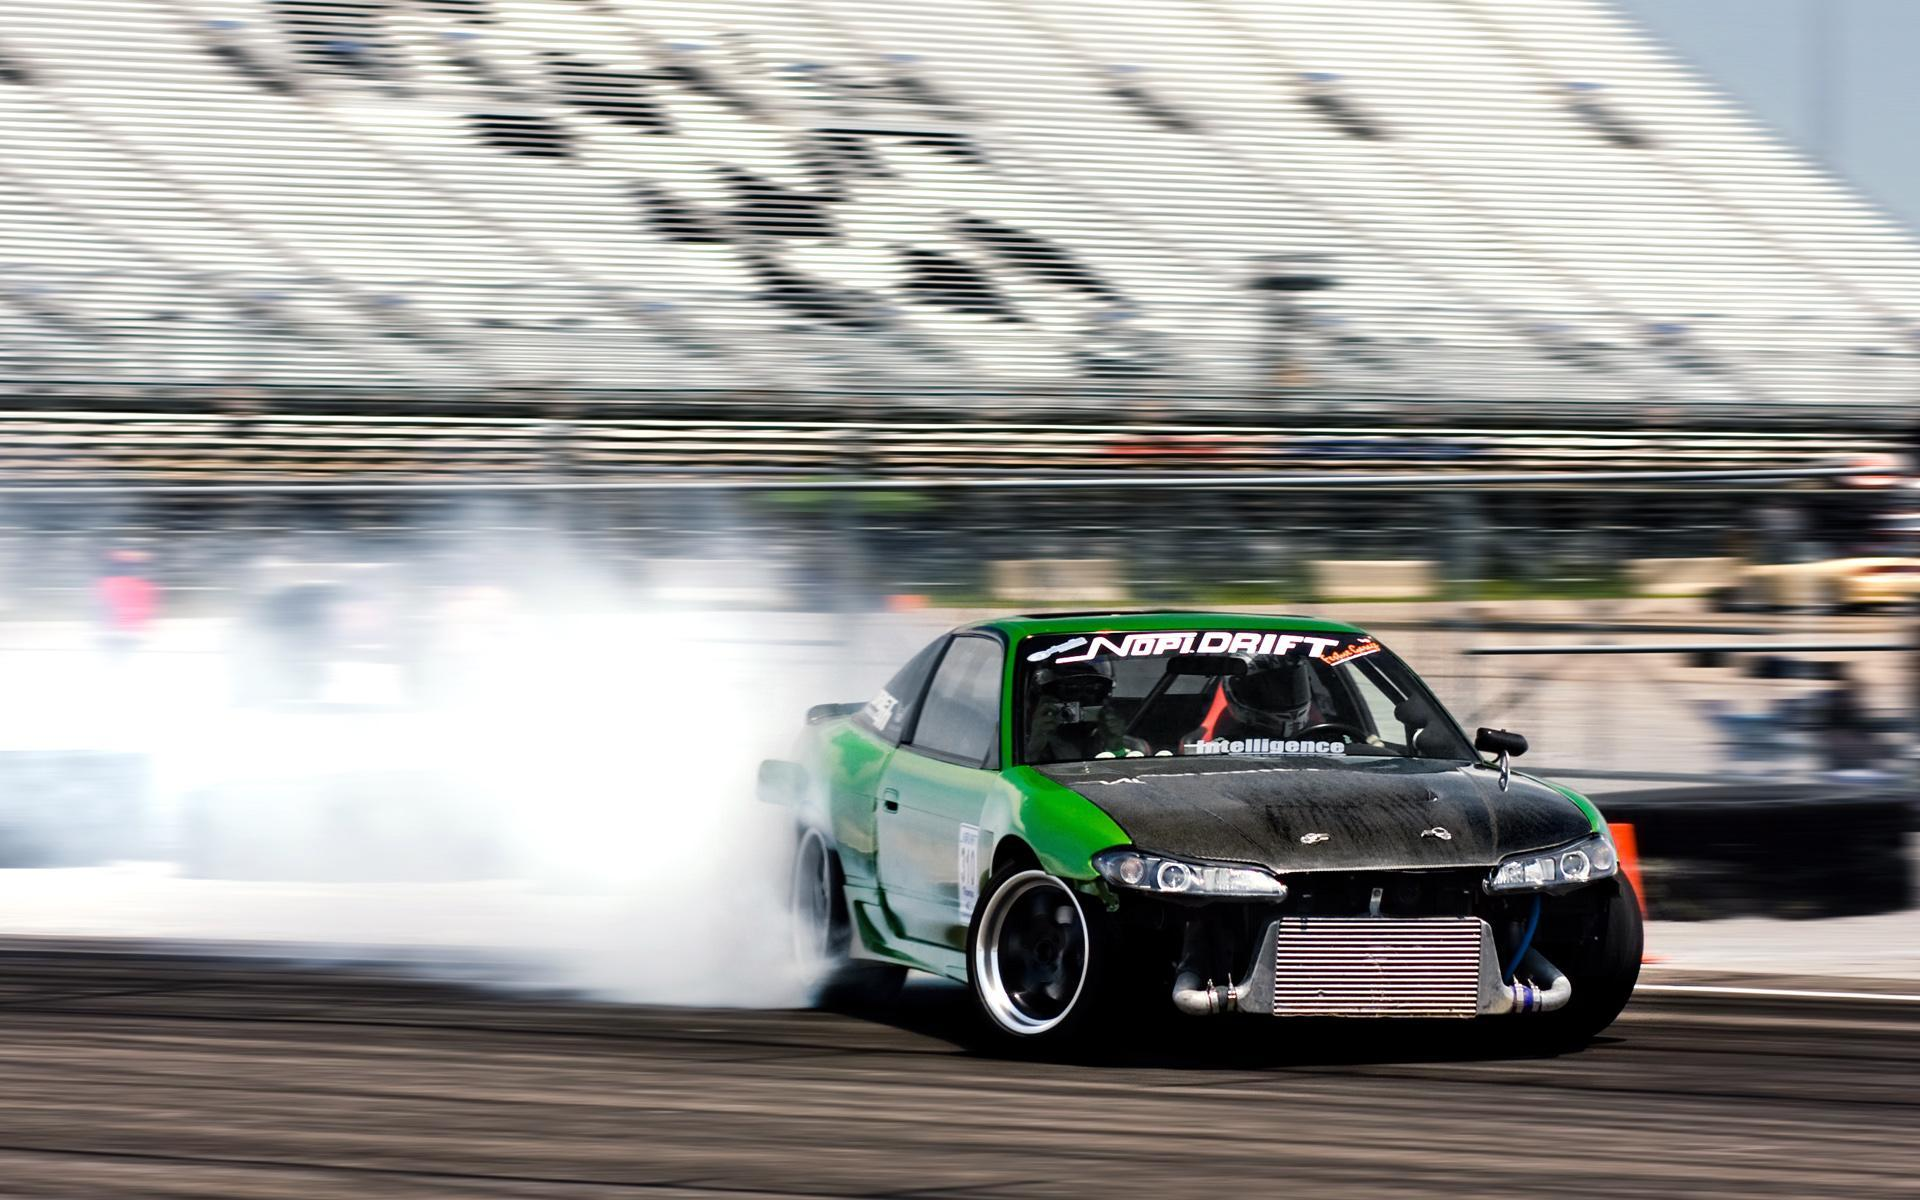 wallpapers drifting cars drift